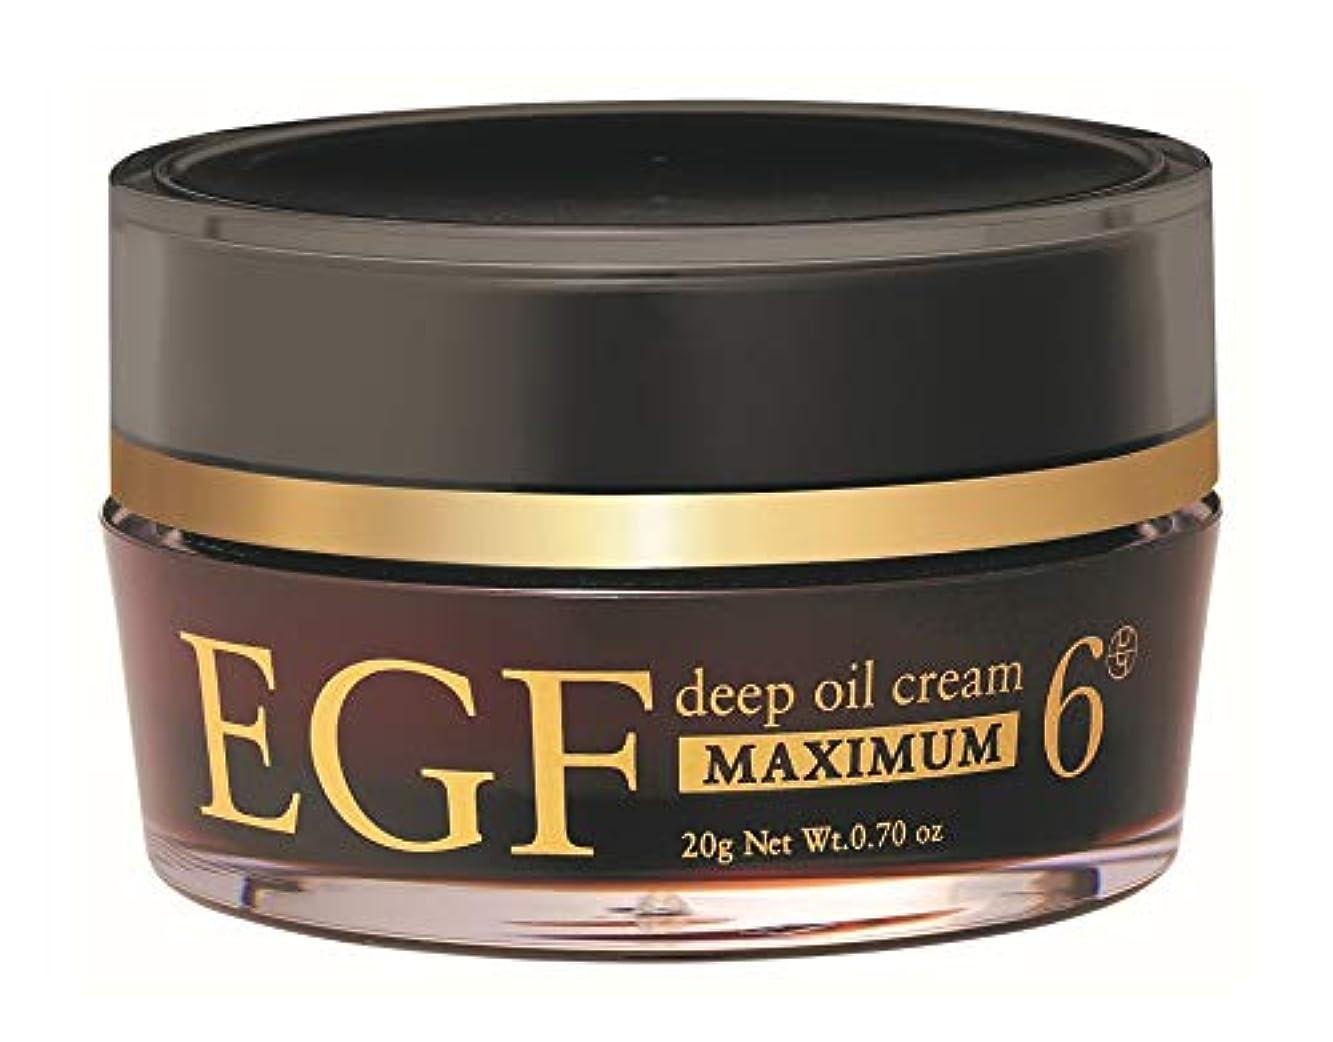 過去水素加害者EGF ディープオイルクリーム マキシマム [ 20g / 濃度6µg ] エイジングケア (高濃度EGFクリーム) 日本製